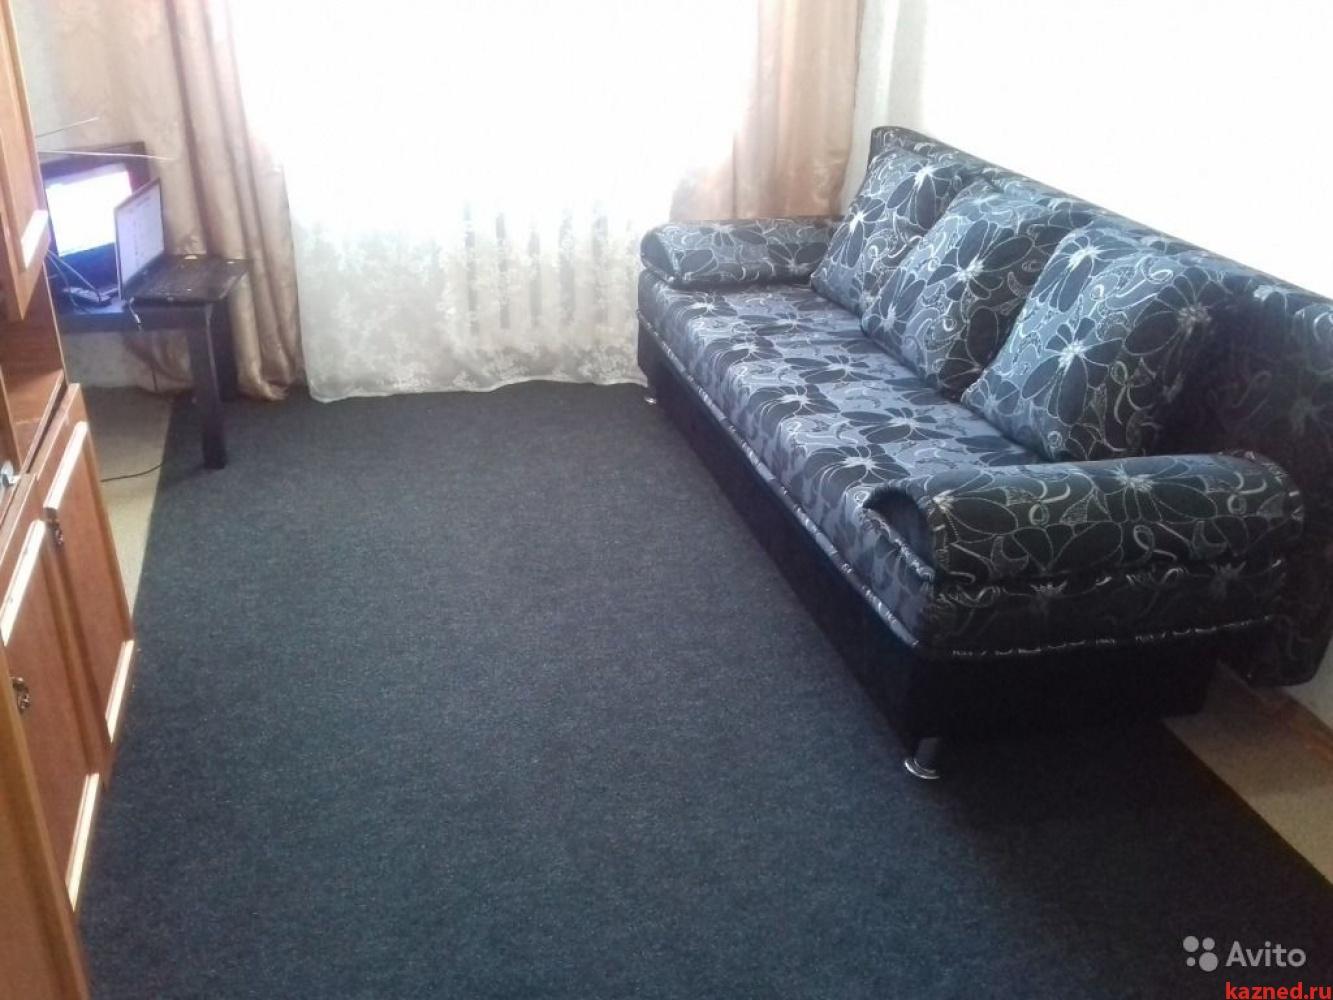 Продажа  комнаты Поперечно-базарная, 59, 12 м2  (миниатюра №1)